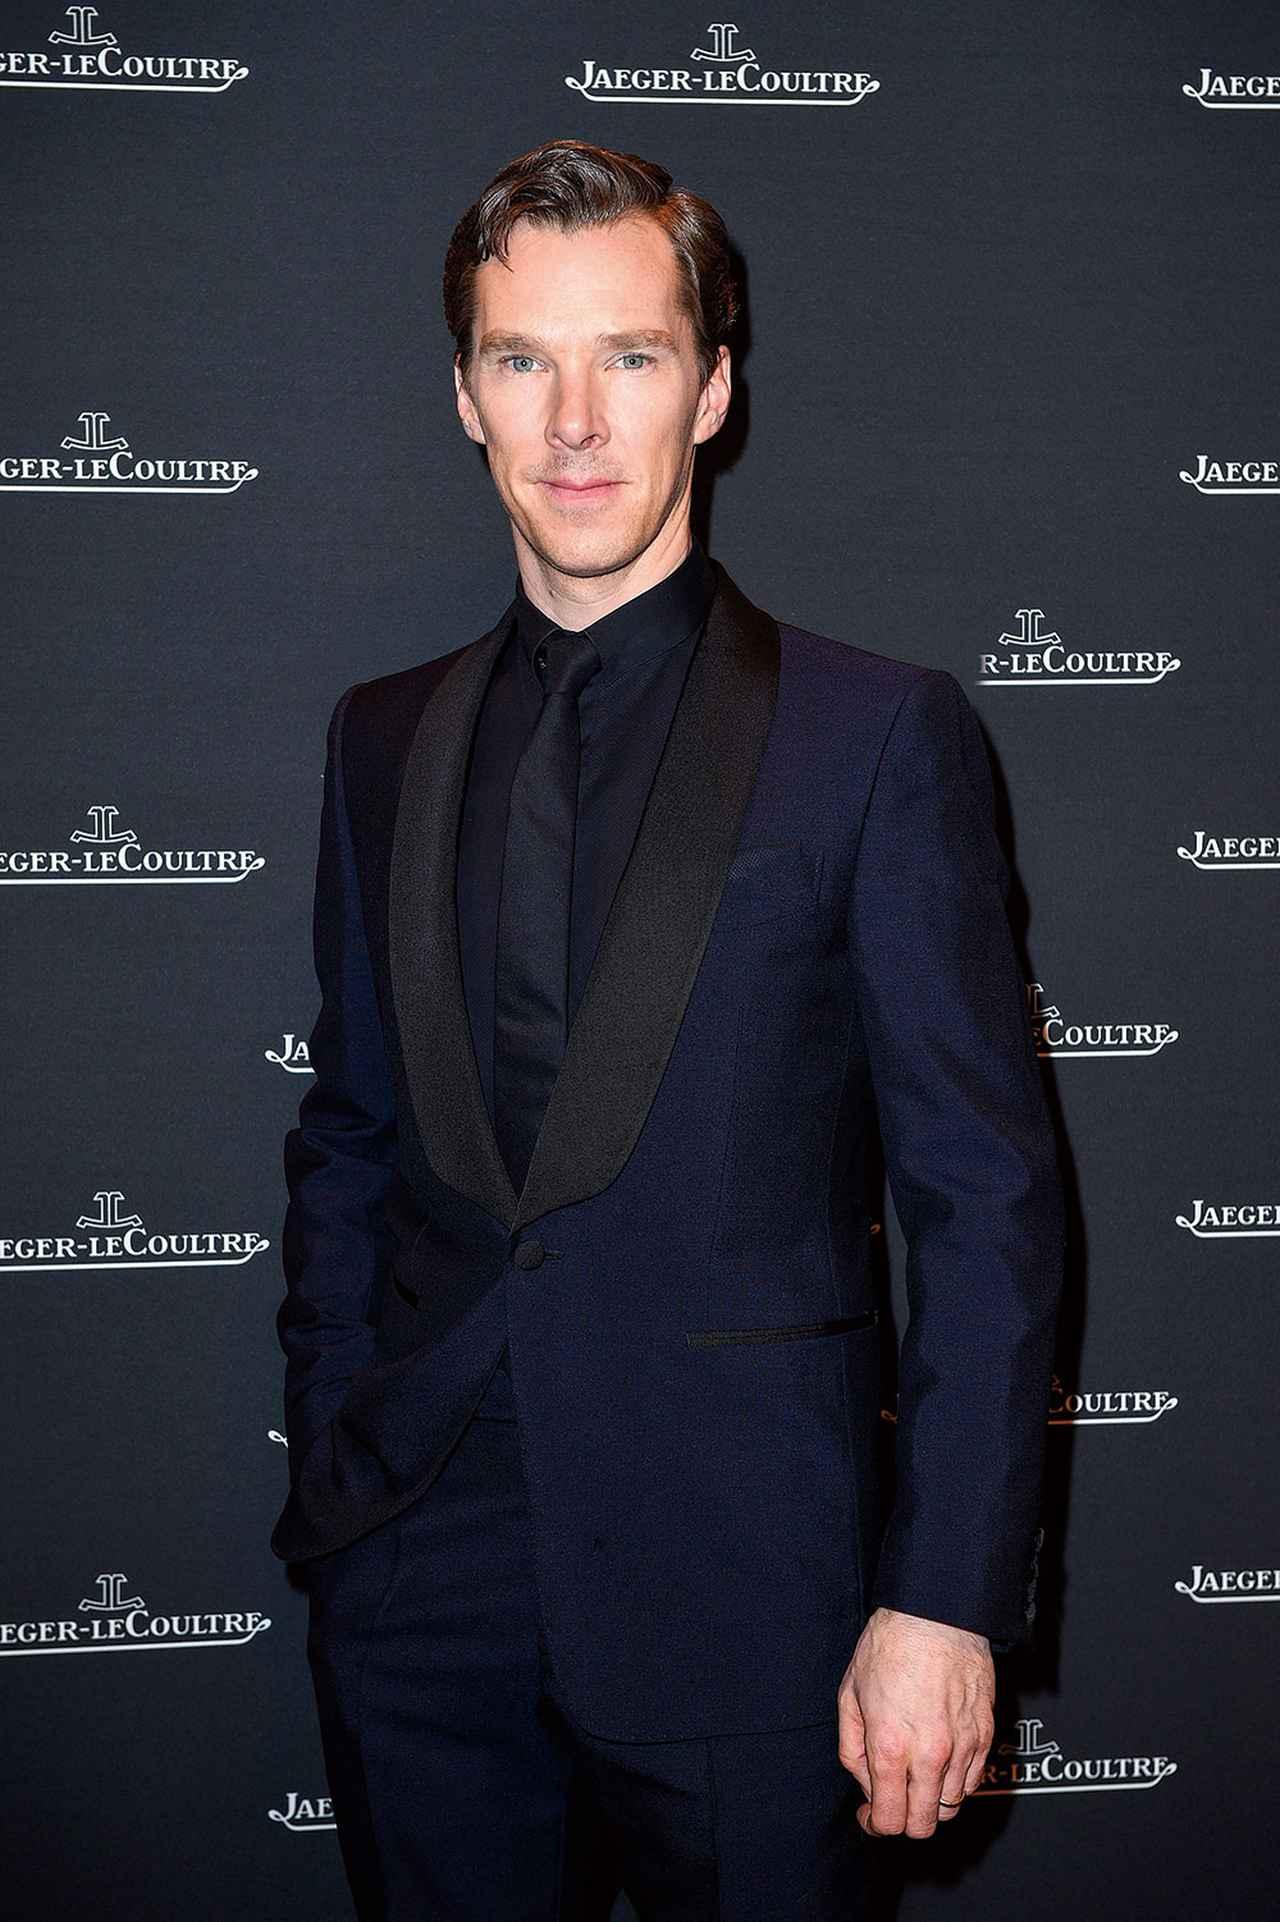 画像5: 【あなたの推しは誰?】英国男優が魅せるダンディズムという矜持